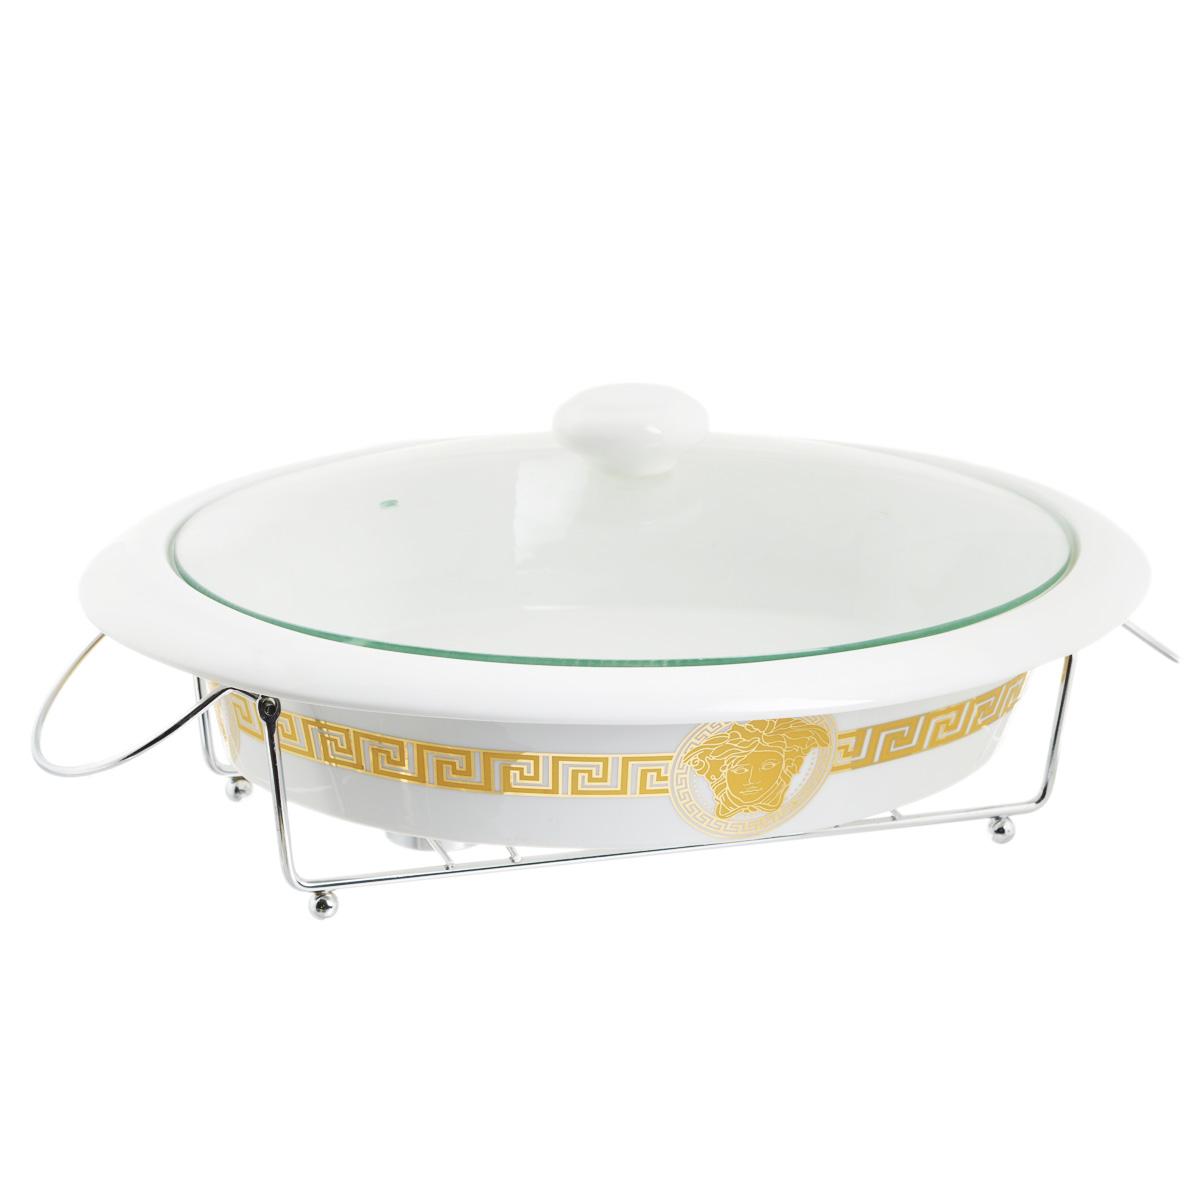 Супница Mayer & Boch с крышкой, на подставке, 2,3 л. 2421924219Супница Mayer & Boch, изготовленная из жаропрочной керамики, подходит для любого вида пищи. Изделие декорировано оригинальным орнаментом. В комплект входит стеклянная крышка и металлическая подставка с местом для 2 свечей.Изделие идеально подходит для приготовления пищи, разогрева блюд и подачи на стол. Материал не содержит свинца и кадмия. С такой супницей вы всегда сможете порадовать своих близких оригинальным блюдом.Форму можно использовать в духовке и холодильнике. Можно мыть в посудомоечной машине.Размер супницы (с учетом ручек): 38,5 см х 29,5 см.Высота стенок: 7 см.Размер подставки: 33 см х 26 см х 9 см. Объем: 2,3 л.